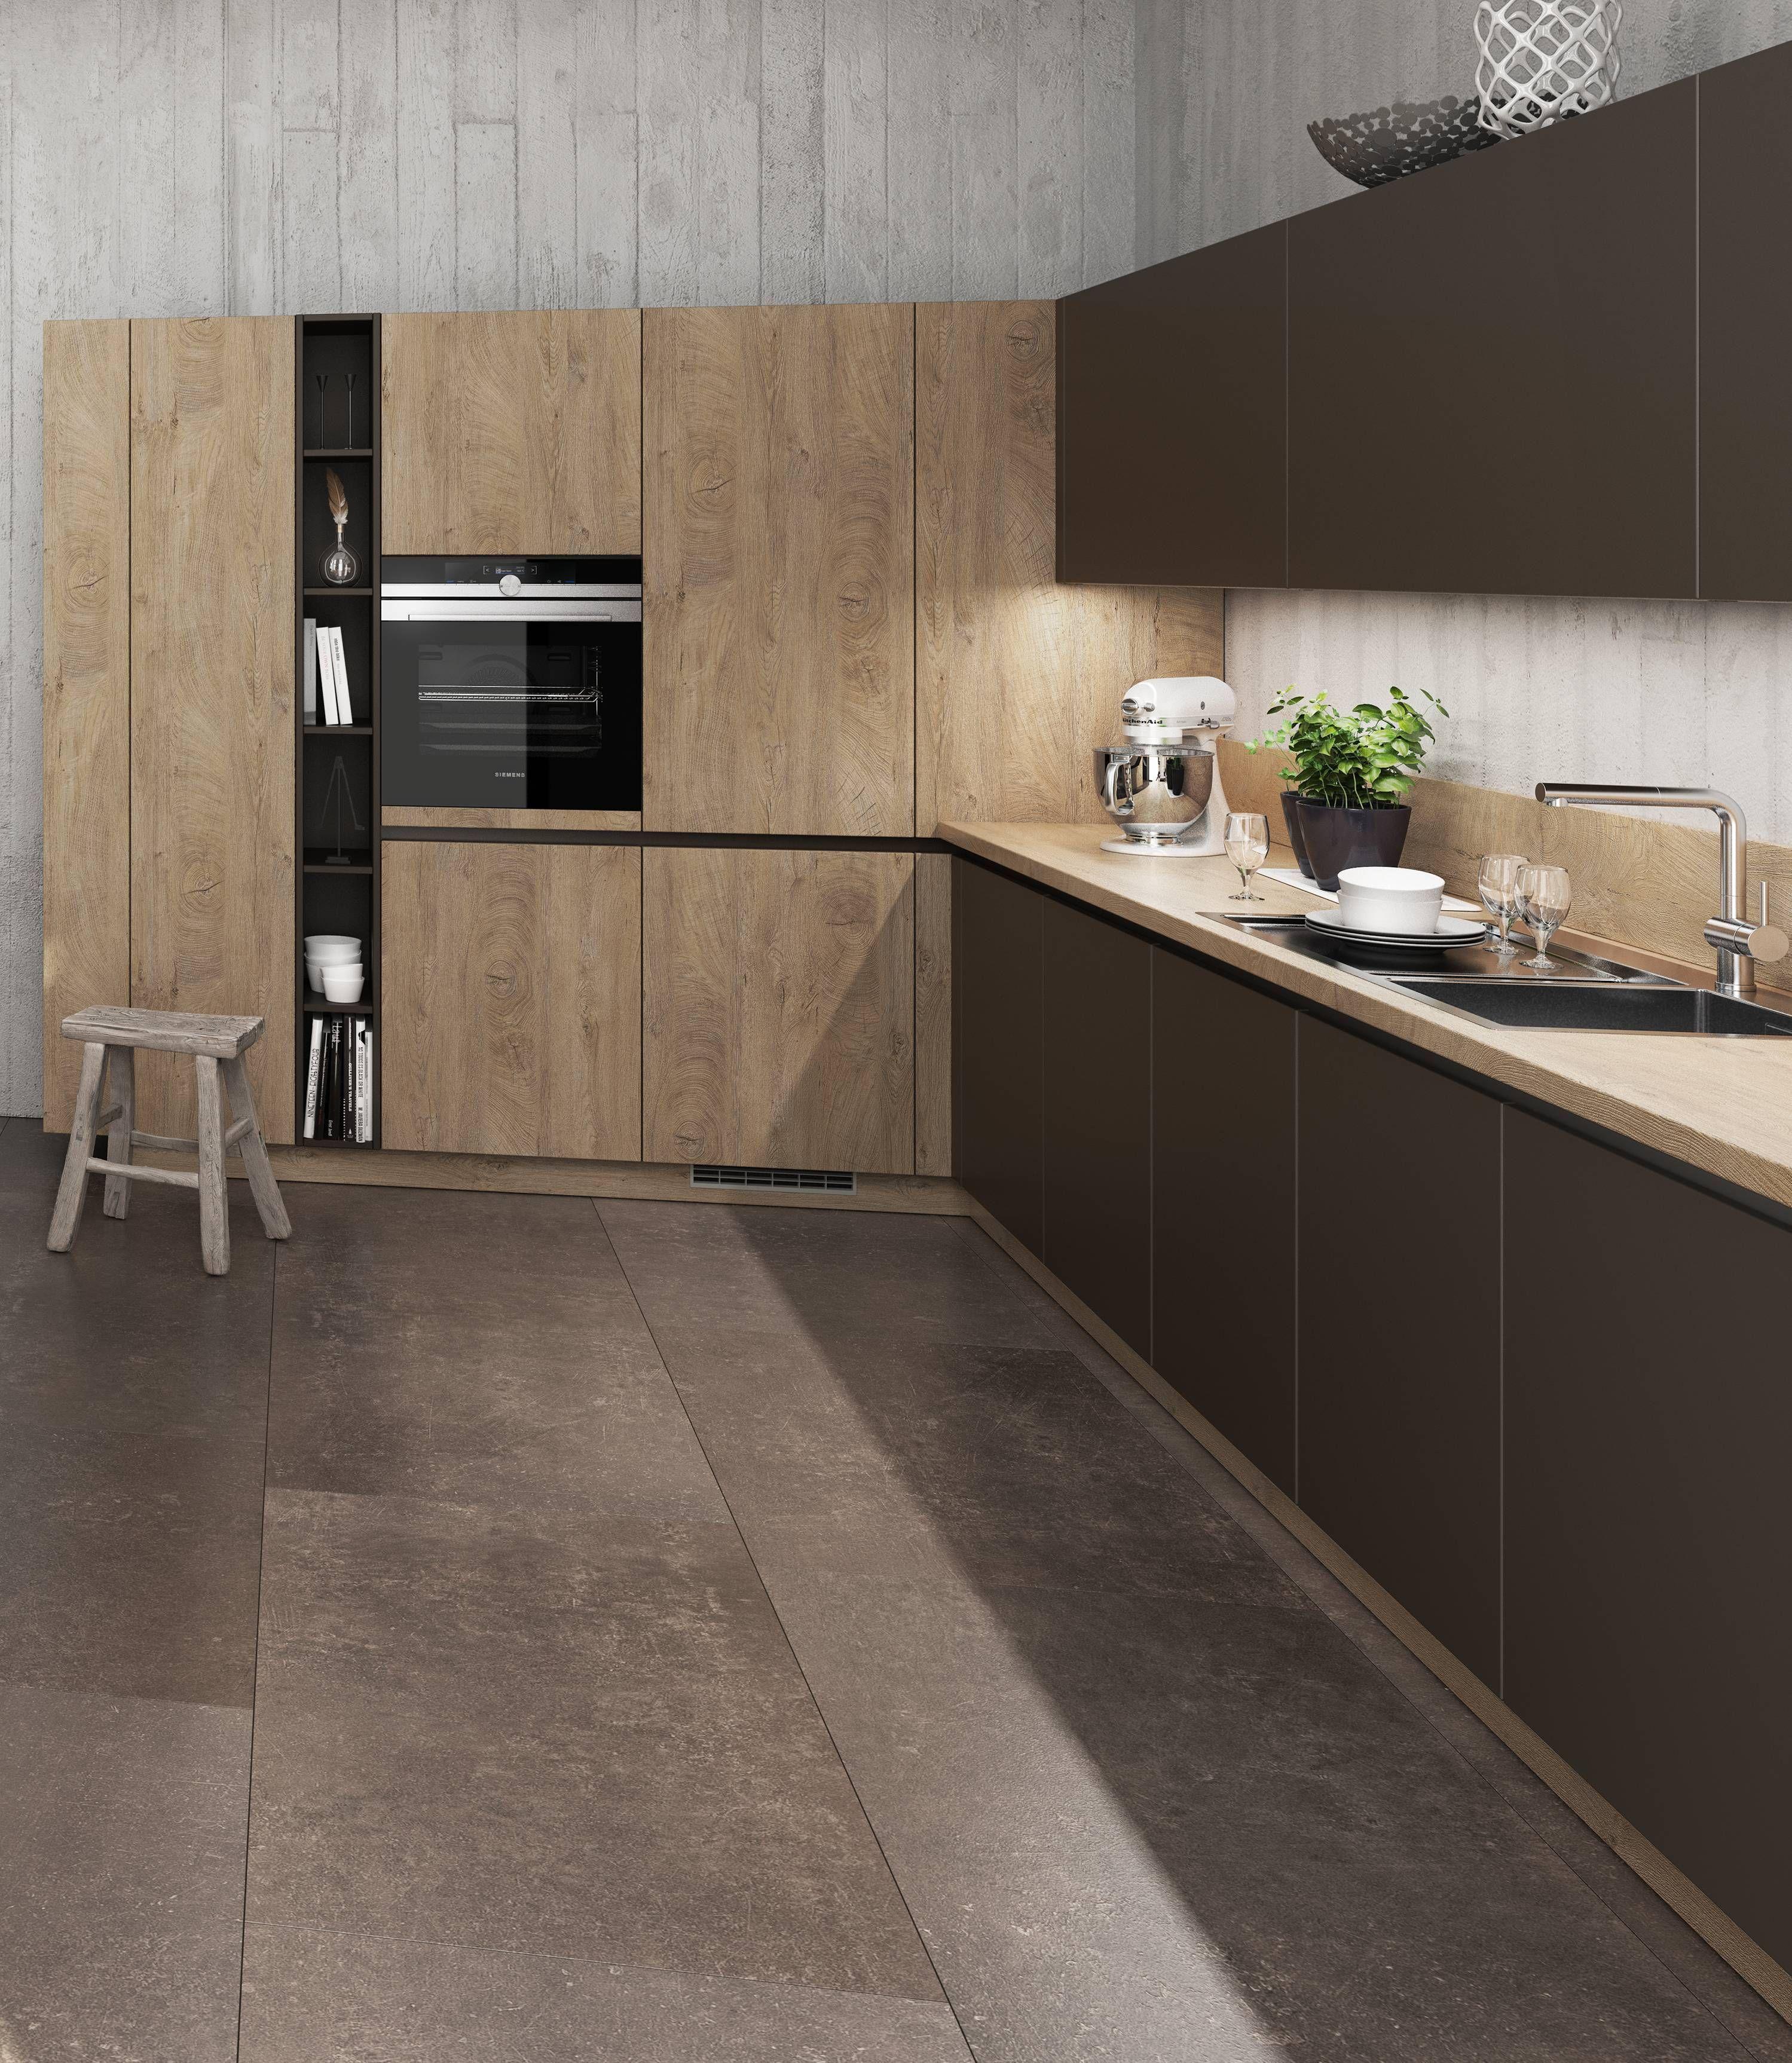 Pin von Christine auf Haus in 2020 Küchengalerie, Küche